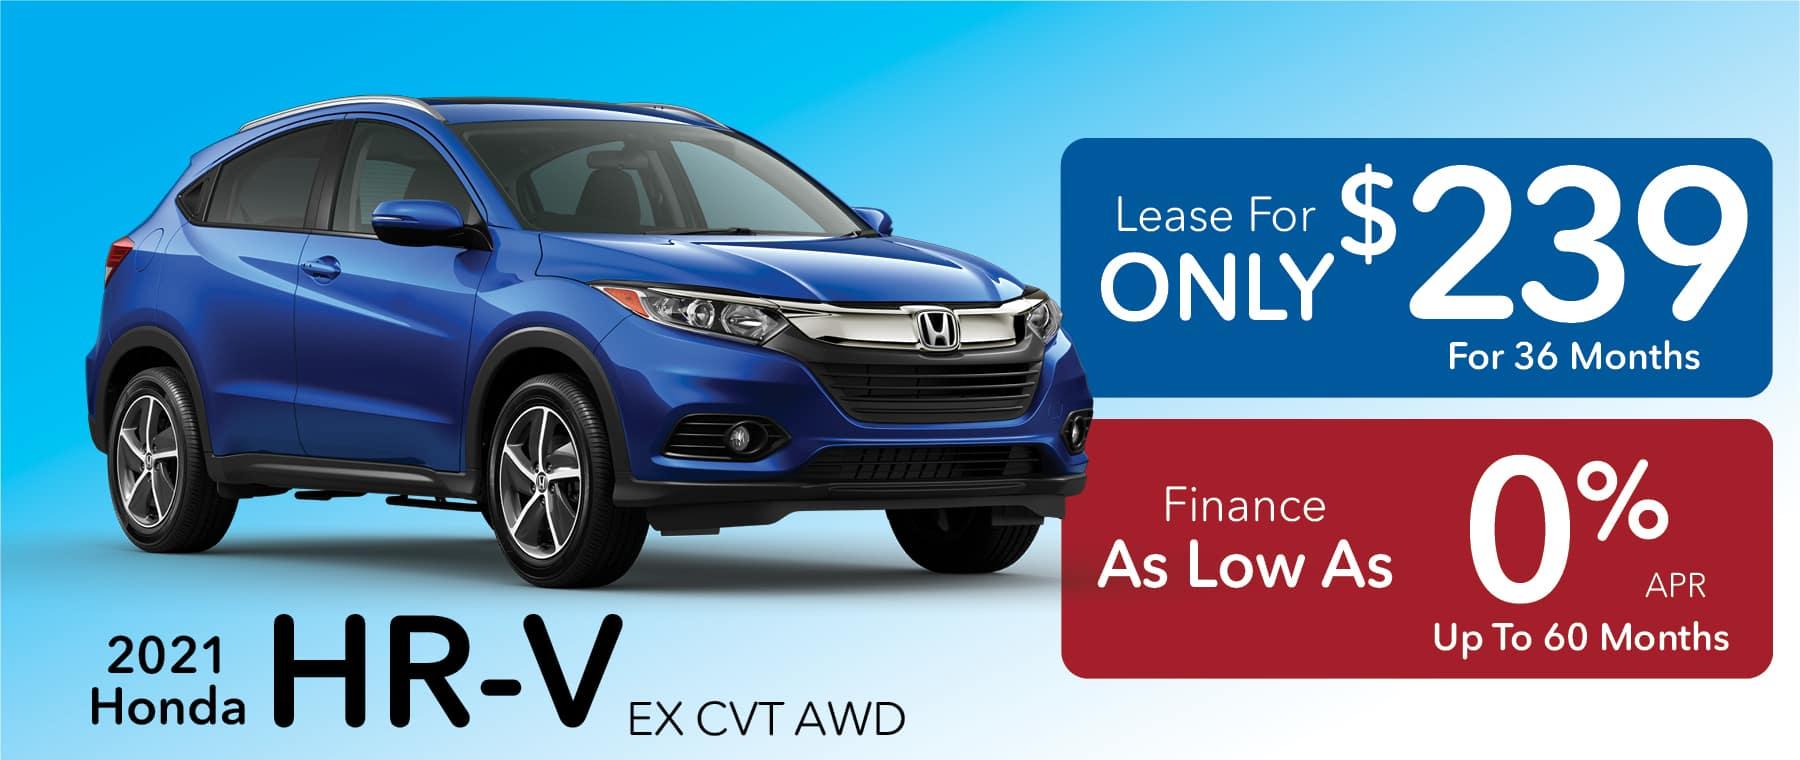 2021 Honda HR-V Lease for $239/month!